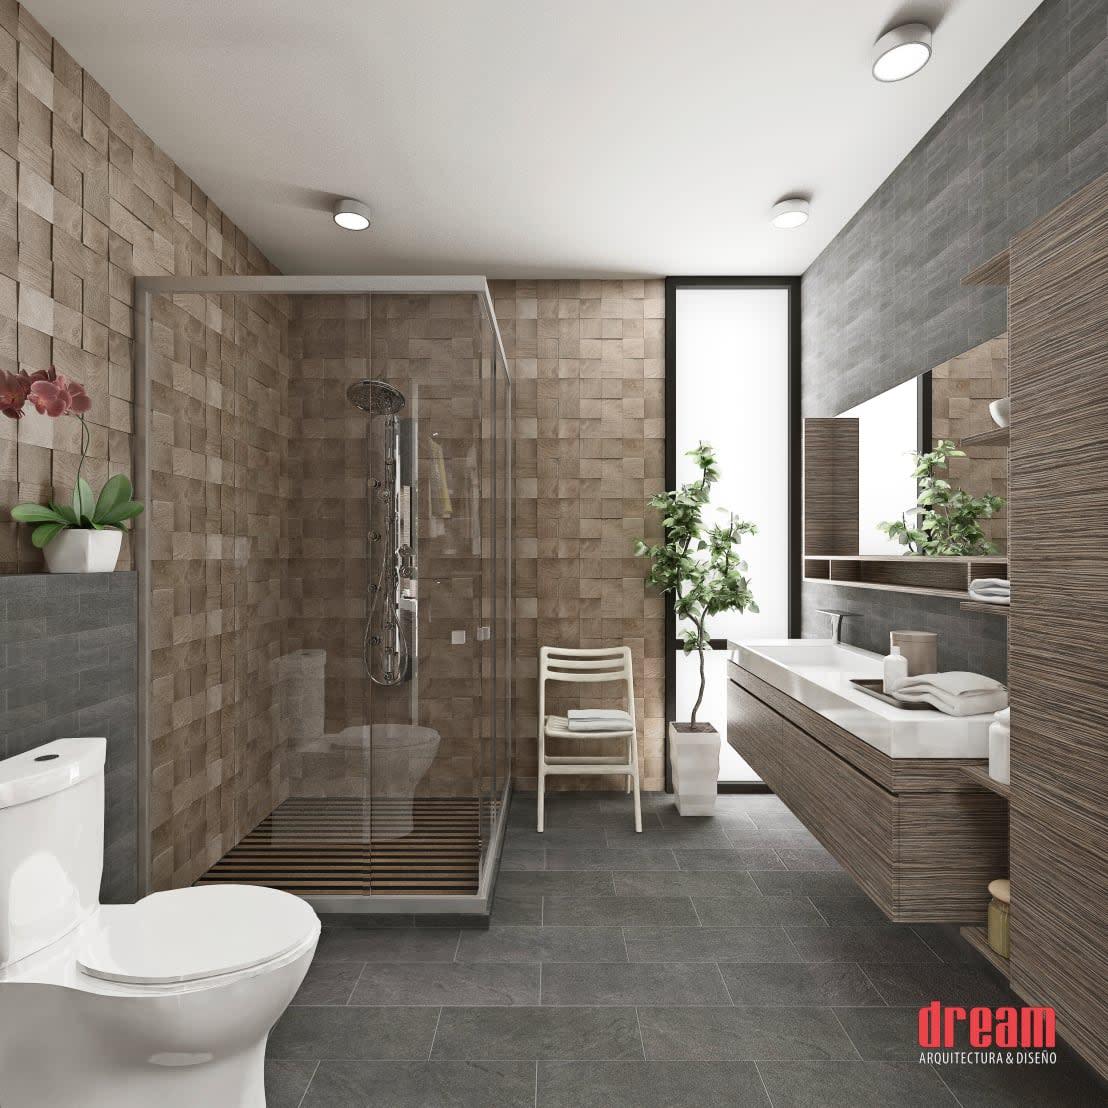 10 idee fantastiche per il rivestimento delle pareti del bagno - Idee per rivestimento bagno ...